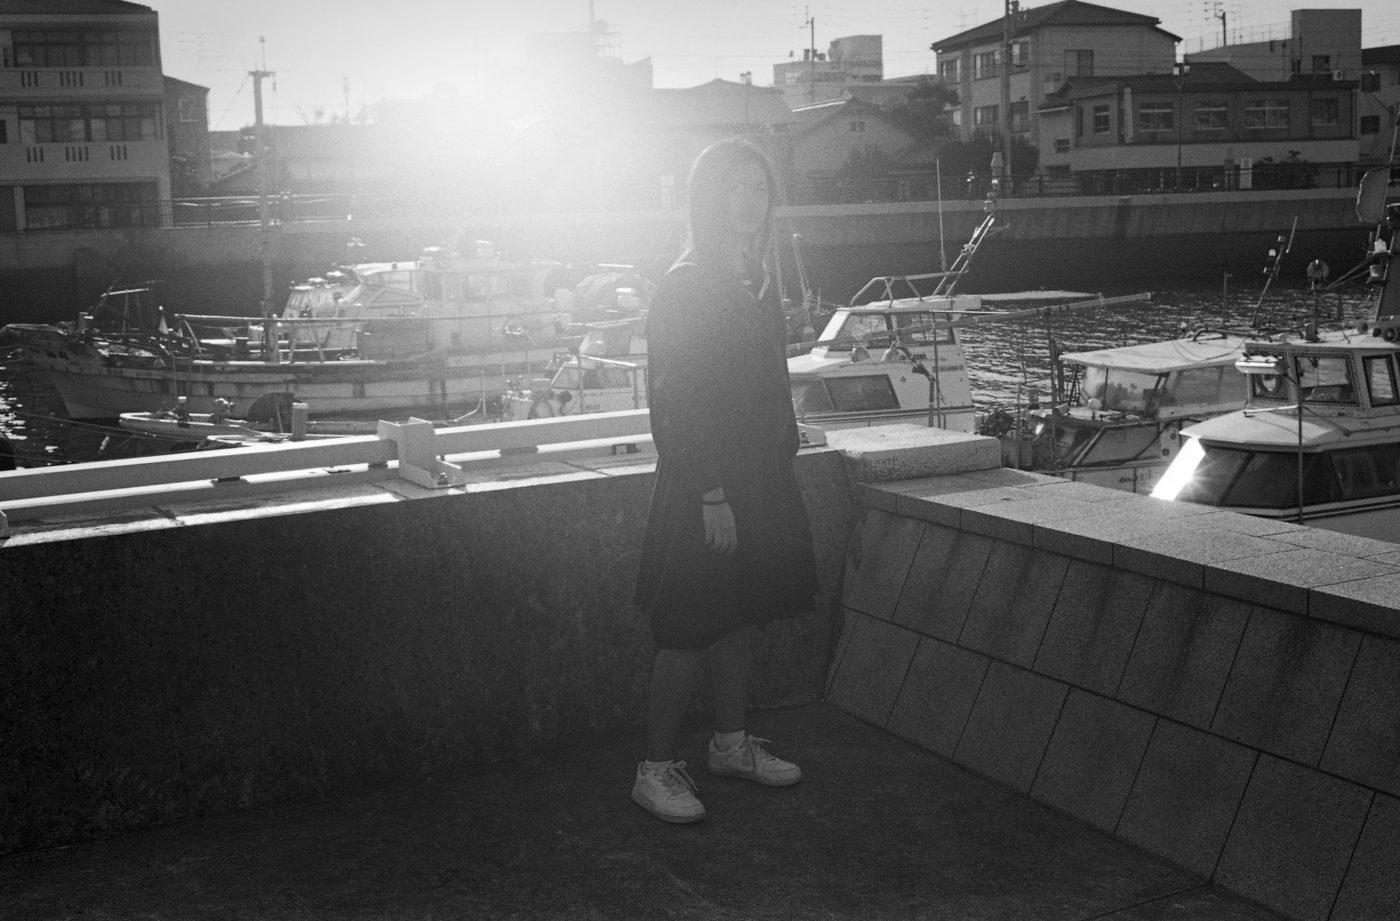 ギャラリー・ソラリスの5周年企画展 染谷學写真展「ほうたれ」